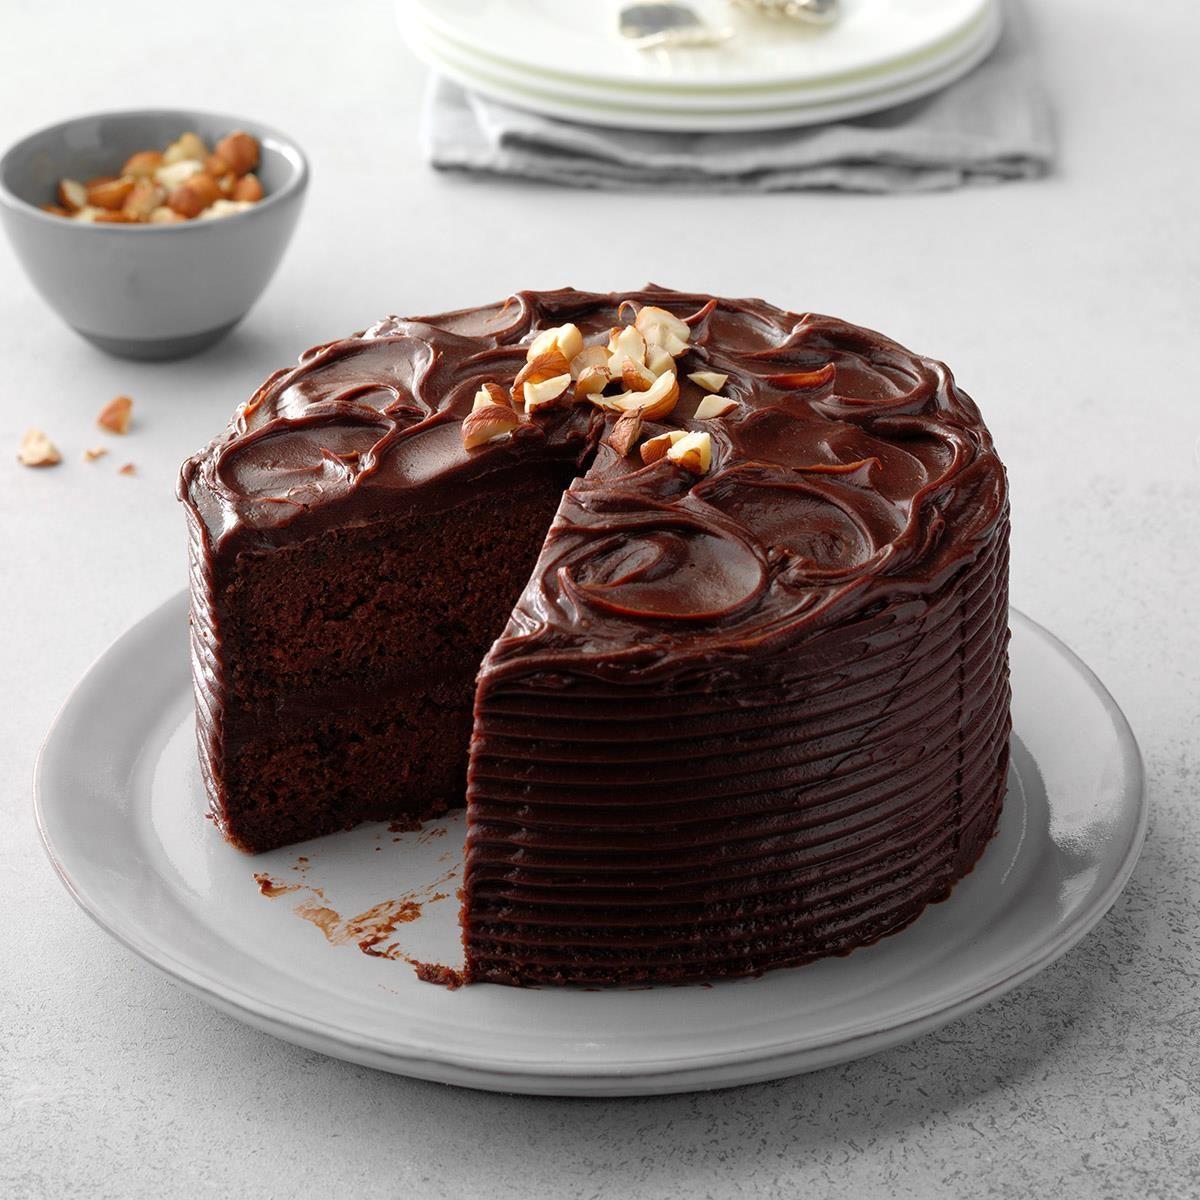 Hazelnut Kitchen: Chocolate Hazelnut Torte Recipe